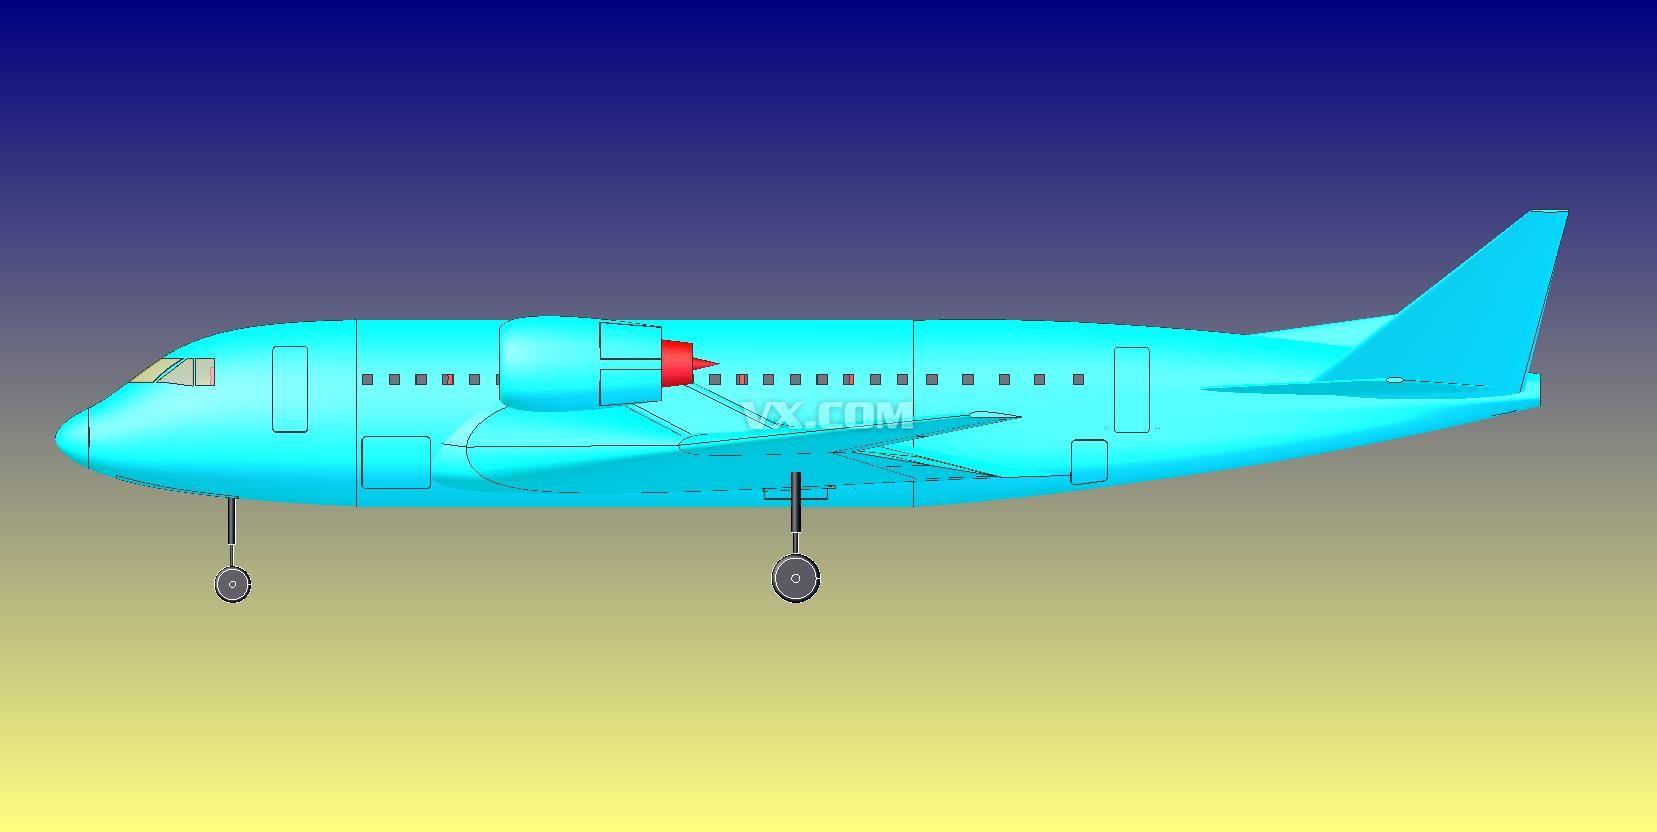 美国航天飞机_step/stp_航天航空_3d模型_图纸下载